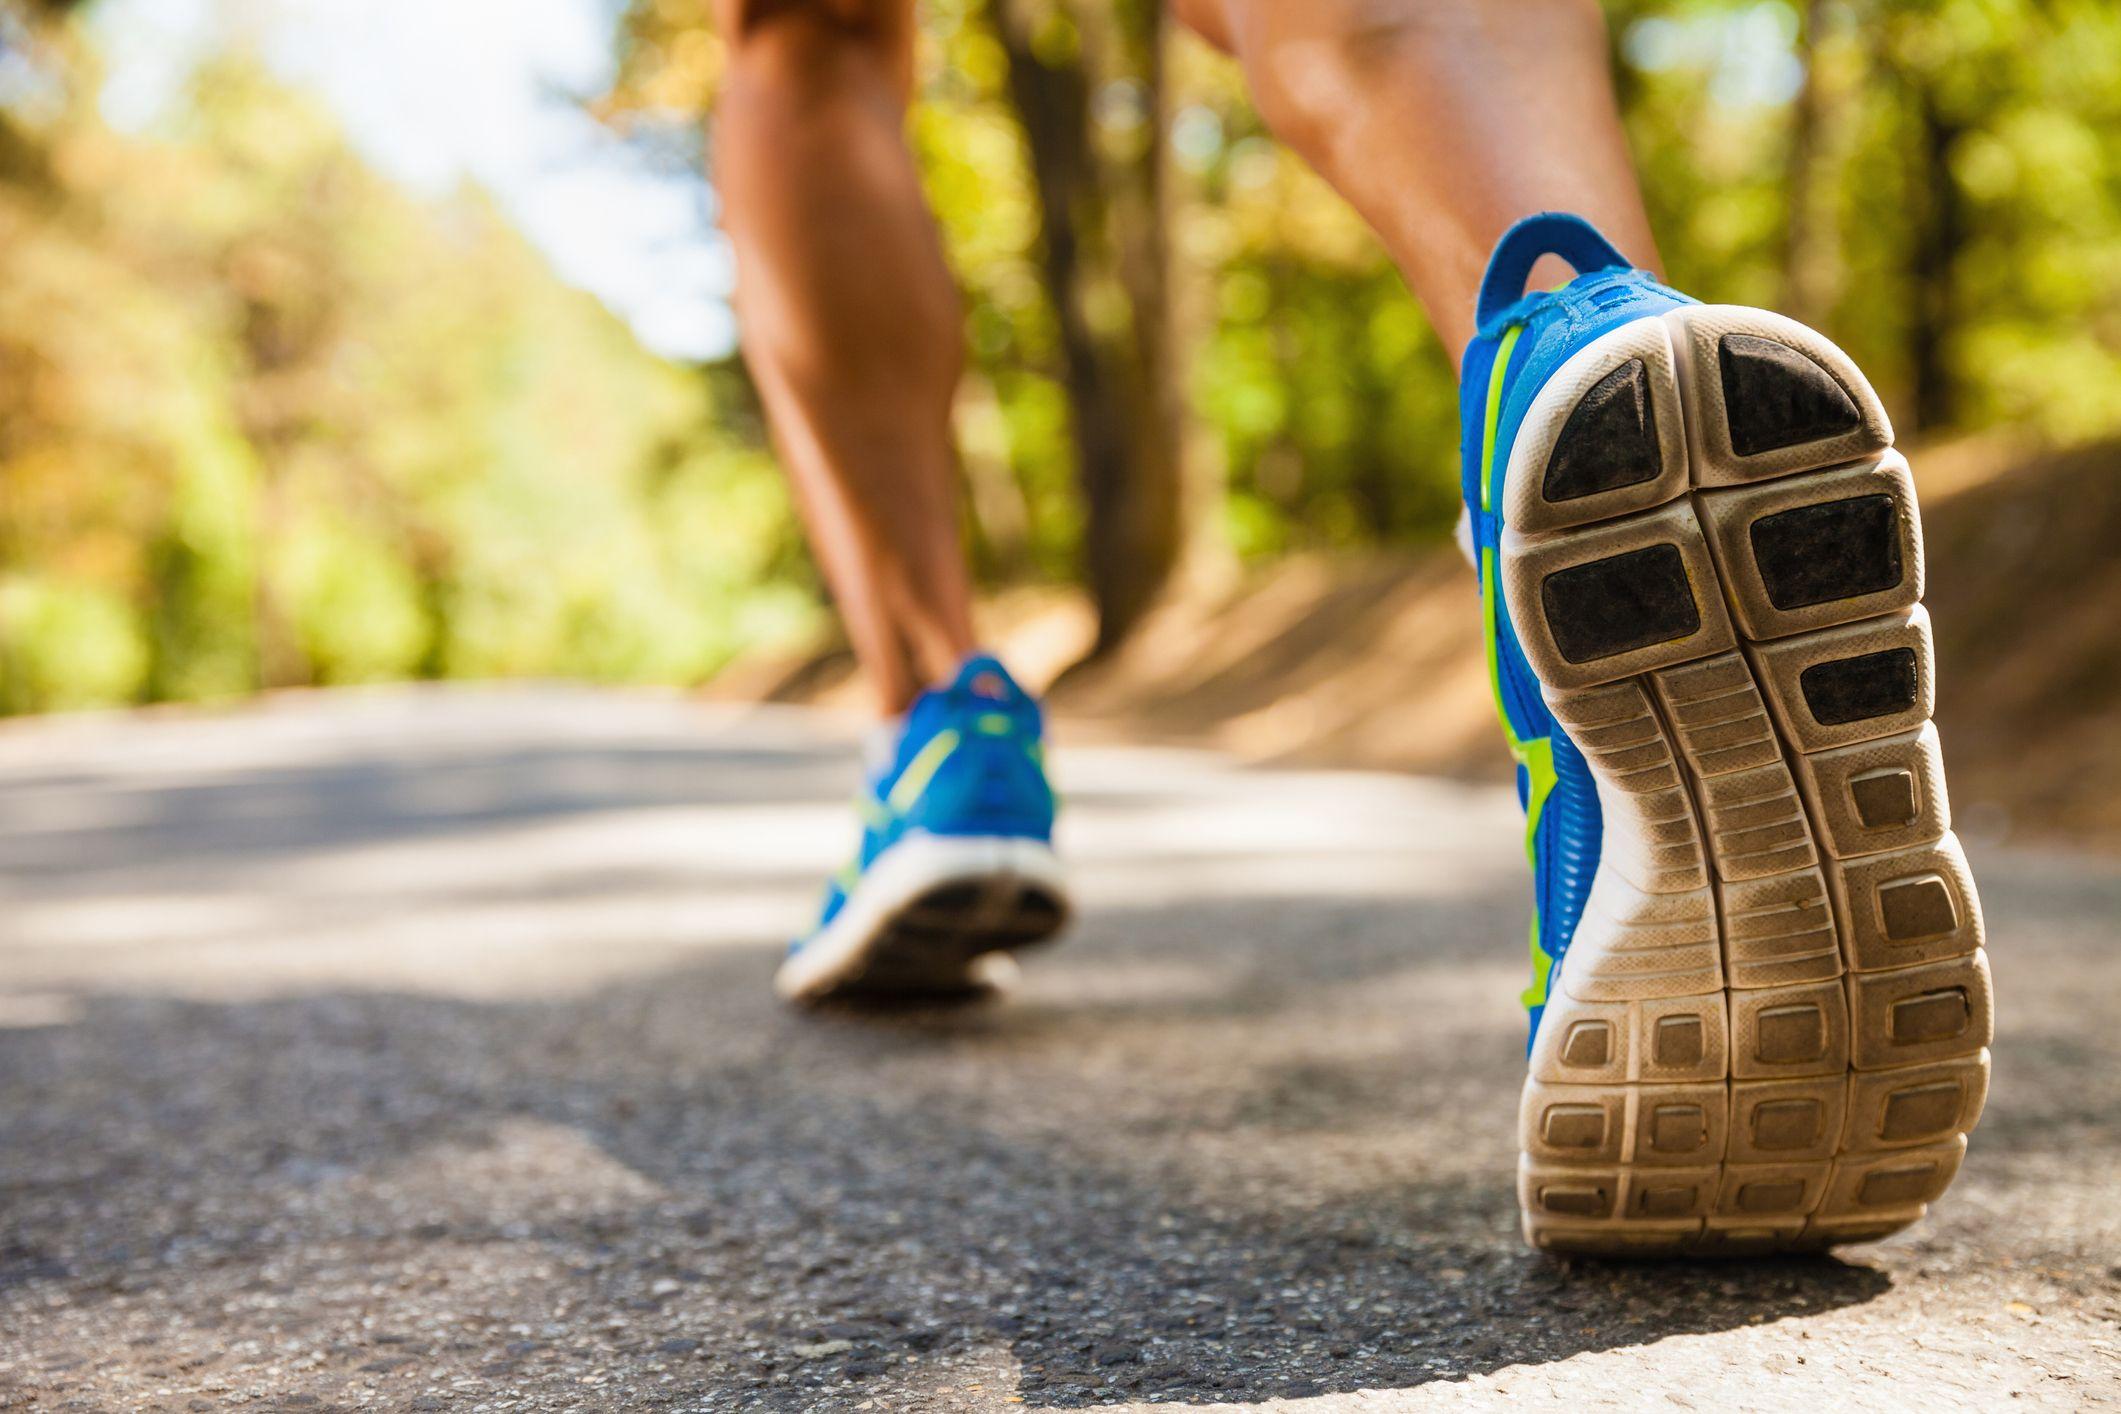 Camminare fa bene alla salute, ma solo se si cammina veloce